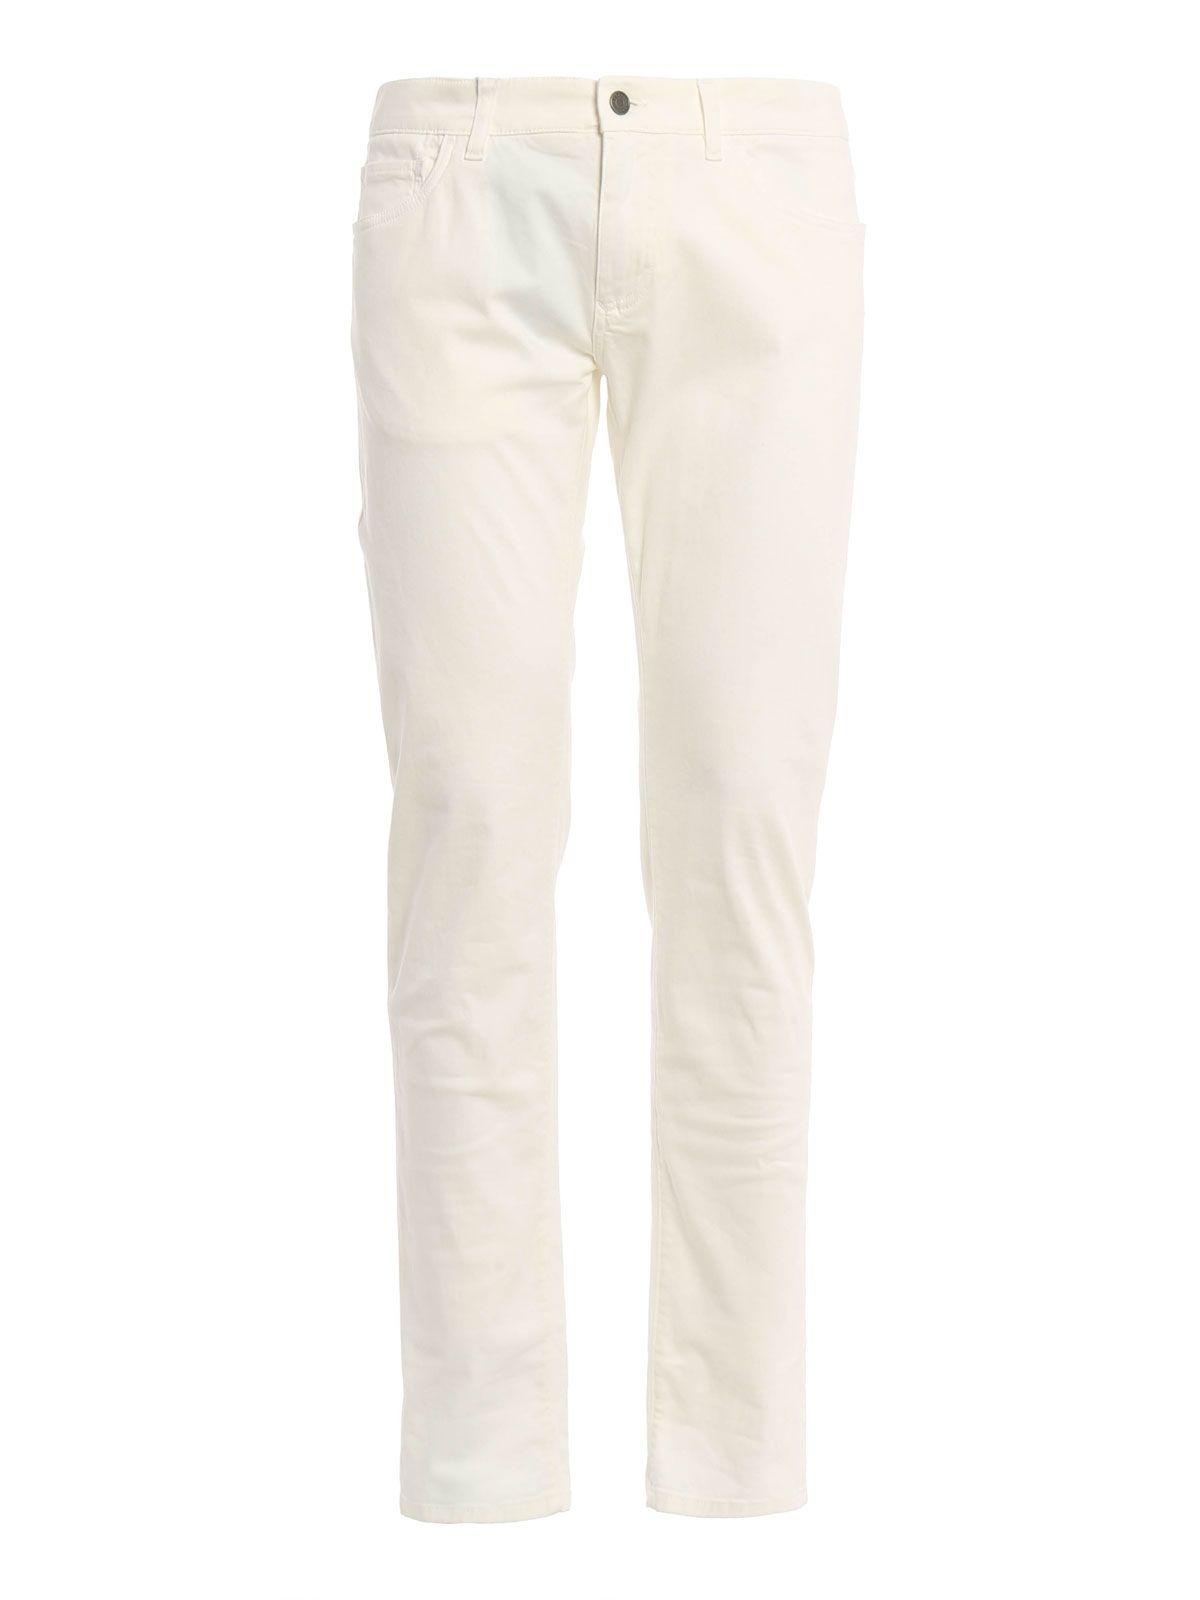 Dolce & Gabbana Dolce & Gabbana Straight Leg Jeans